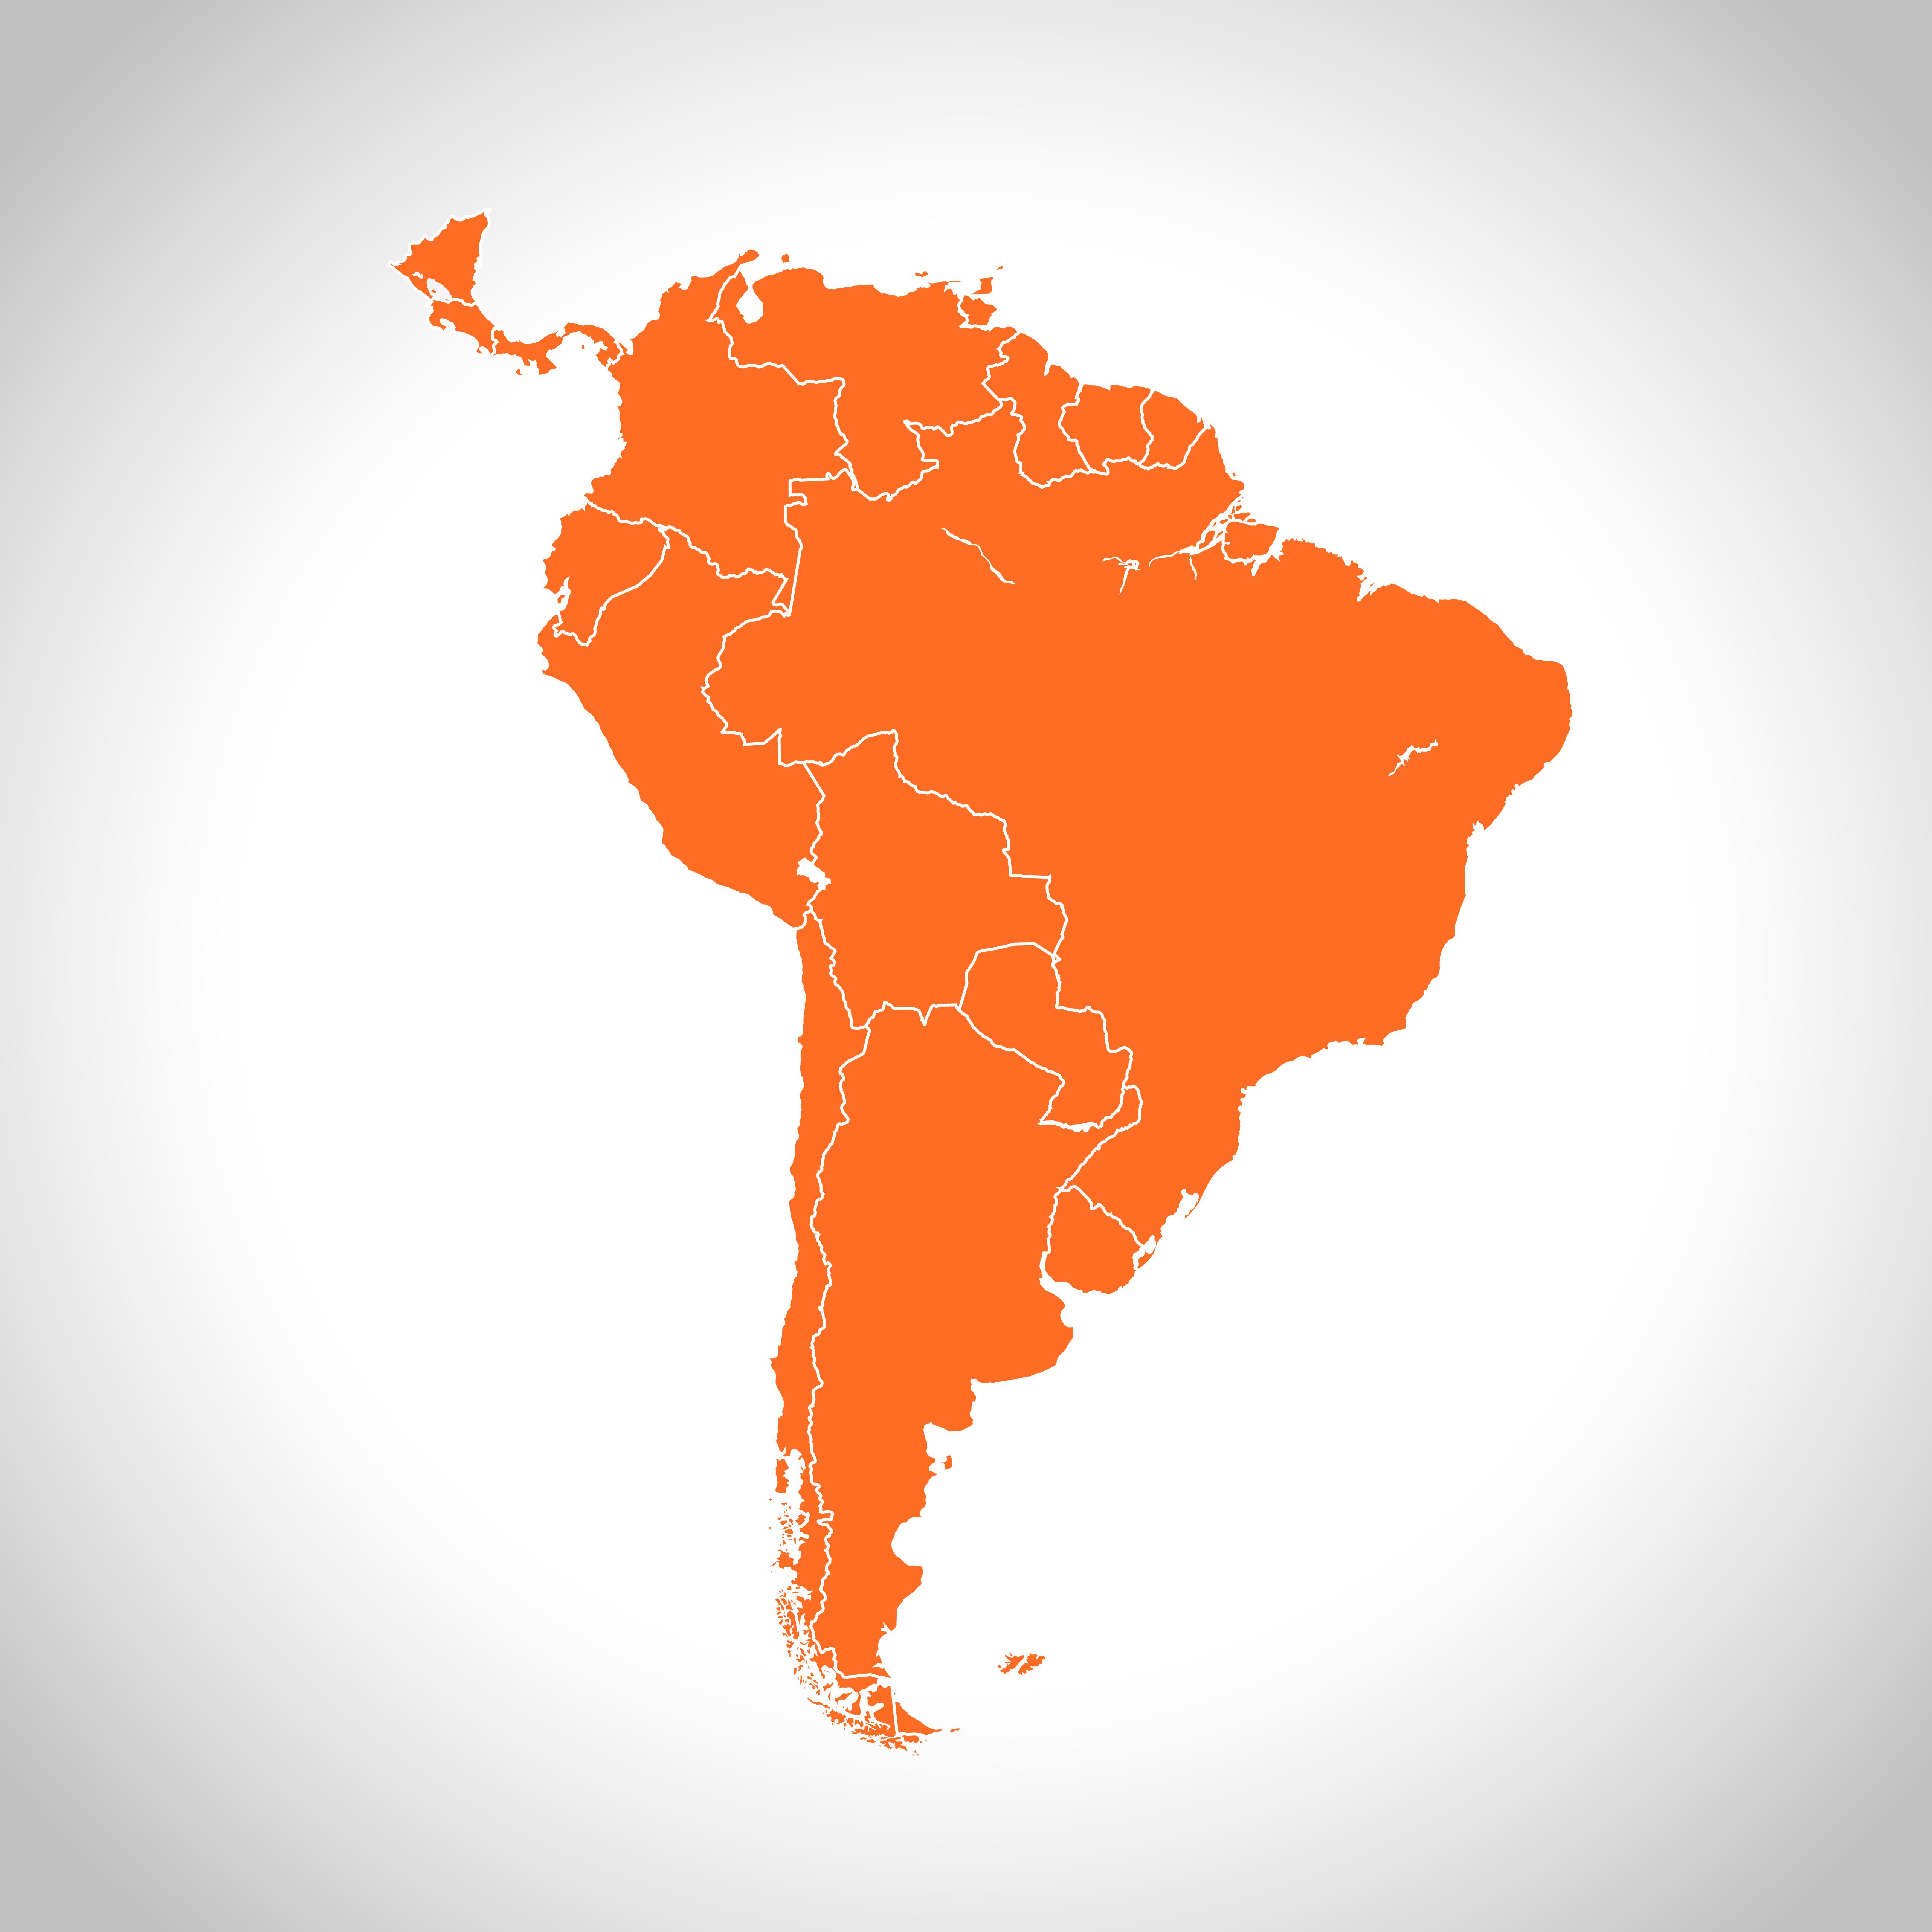 Crédit : Amérique du Sud par Shutterstock